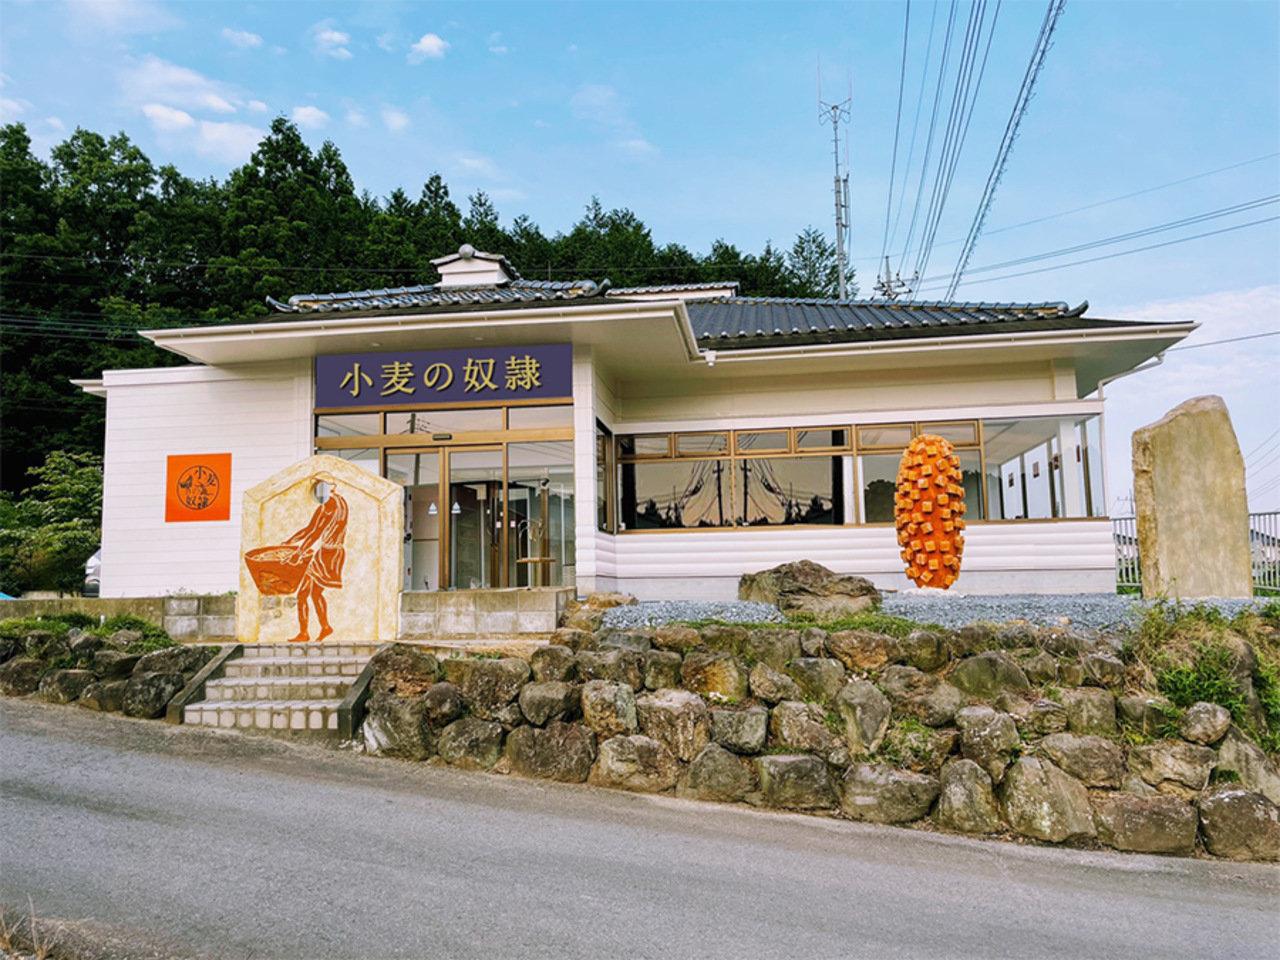 メディアやSNSで話題沸騰!北海道発のエンタメパン屋「小麦の奴隷」が茨城県に初上陸!